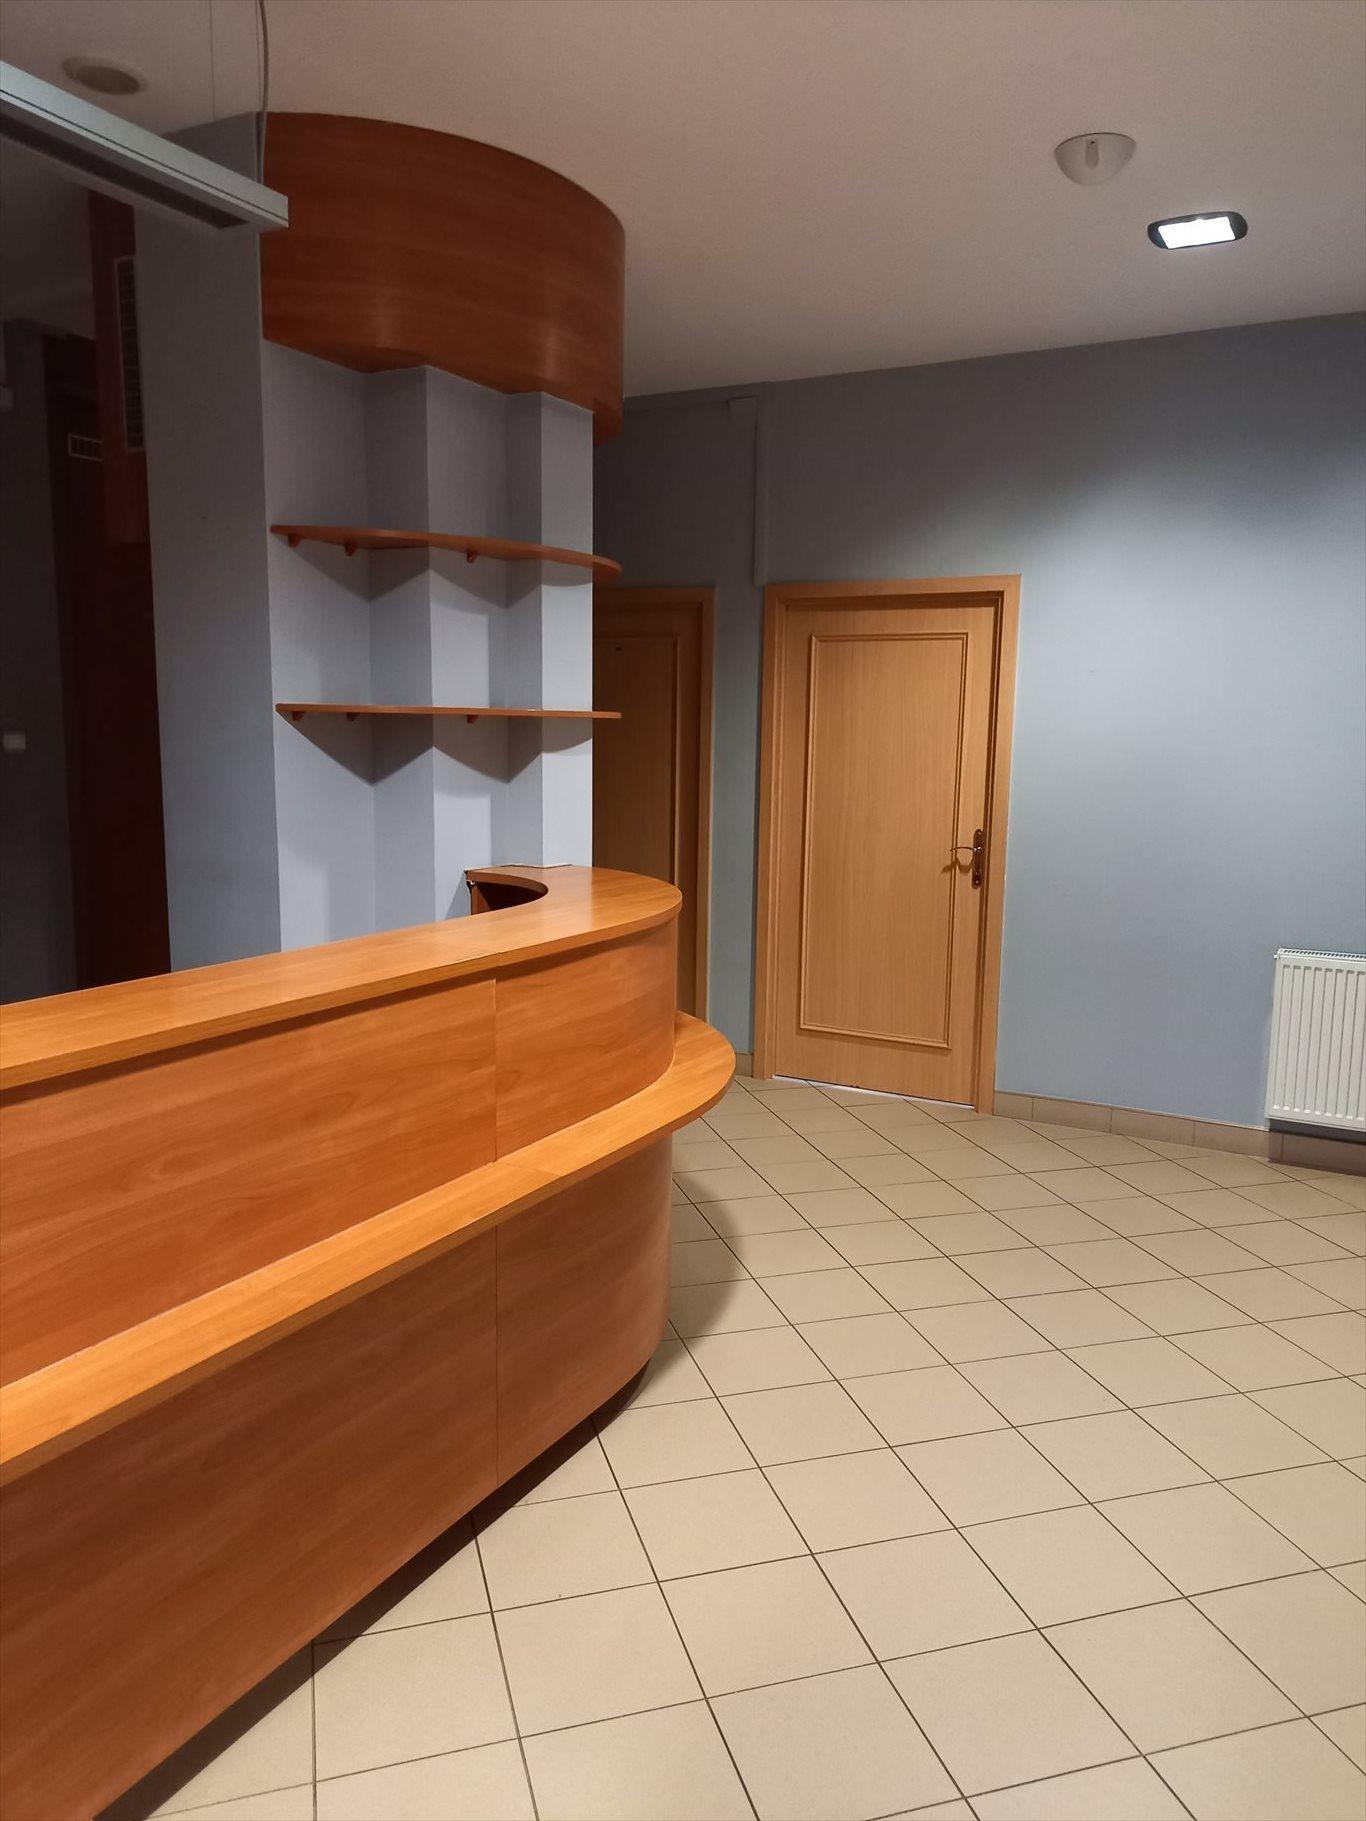 Lokal użytkowy na sprzedaż Stalowa Wola, Centrum, Popiełuszki  229m2 Foto 9